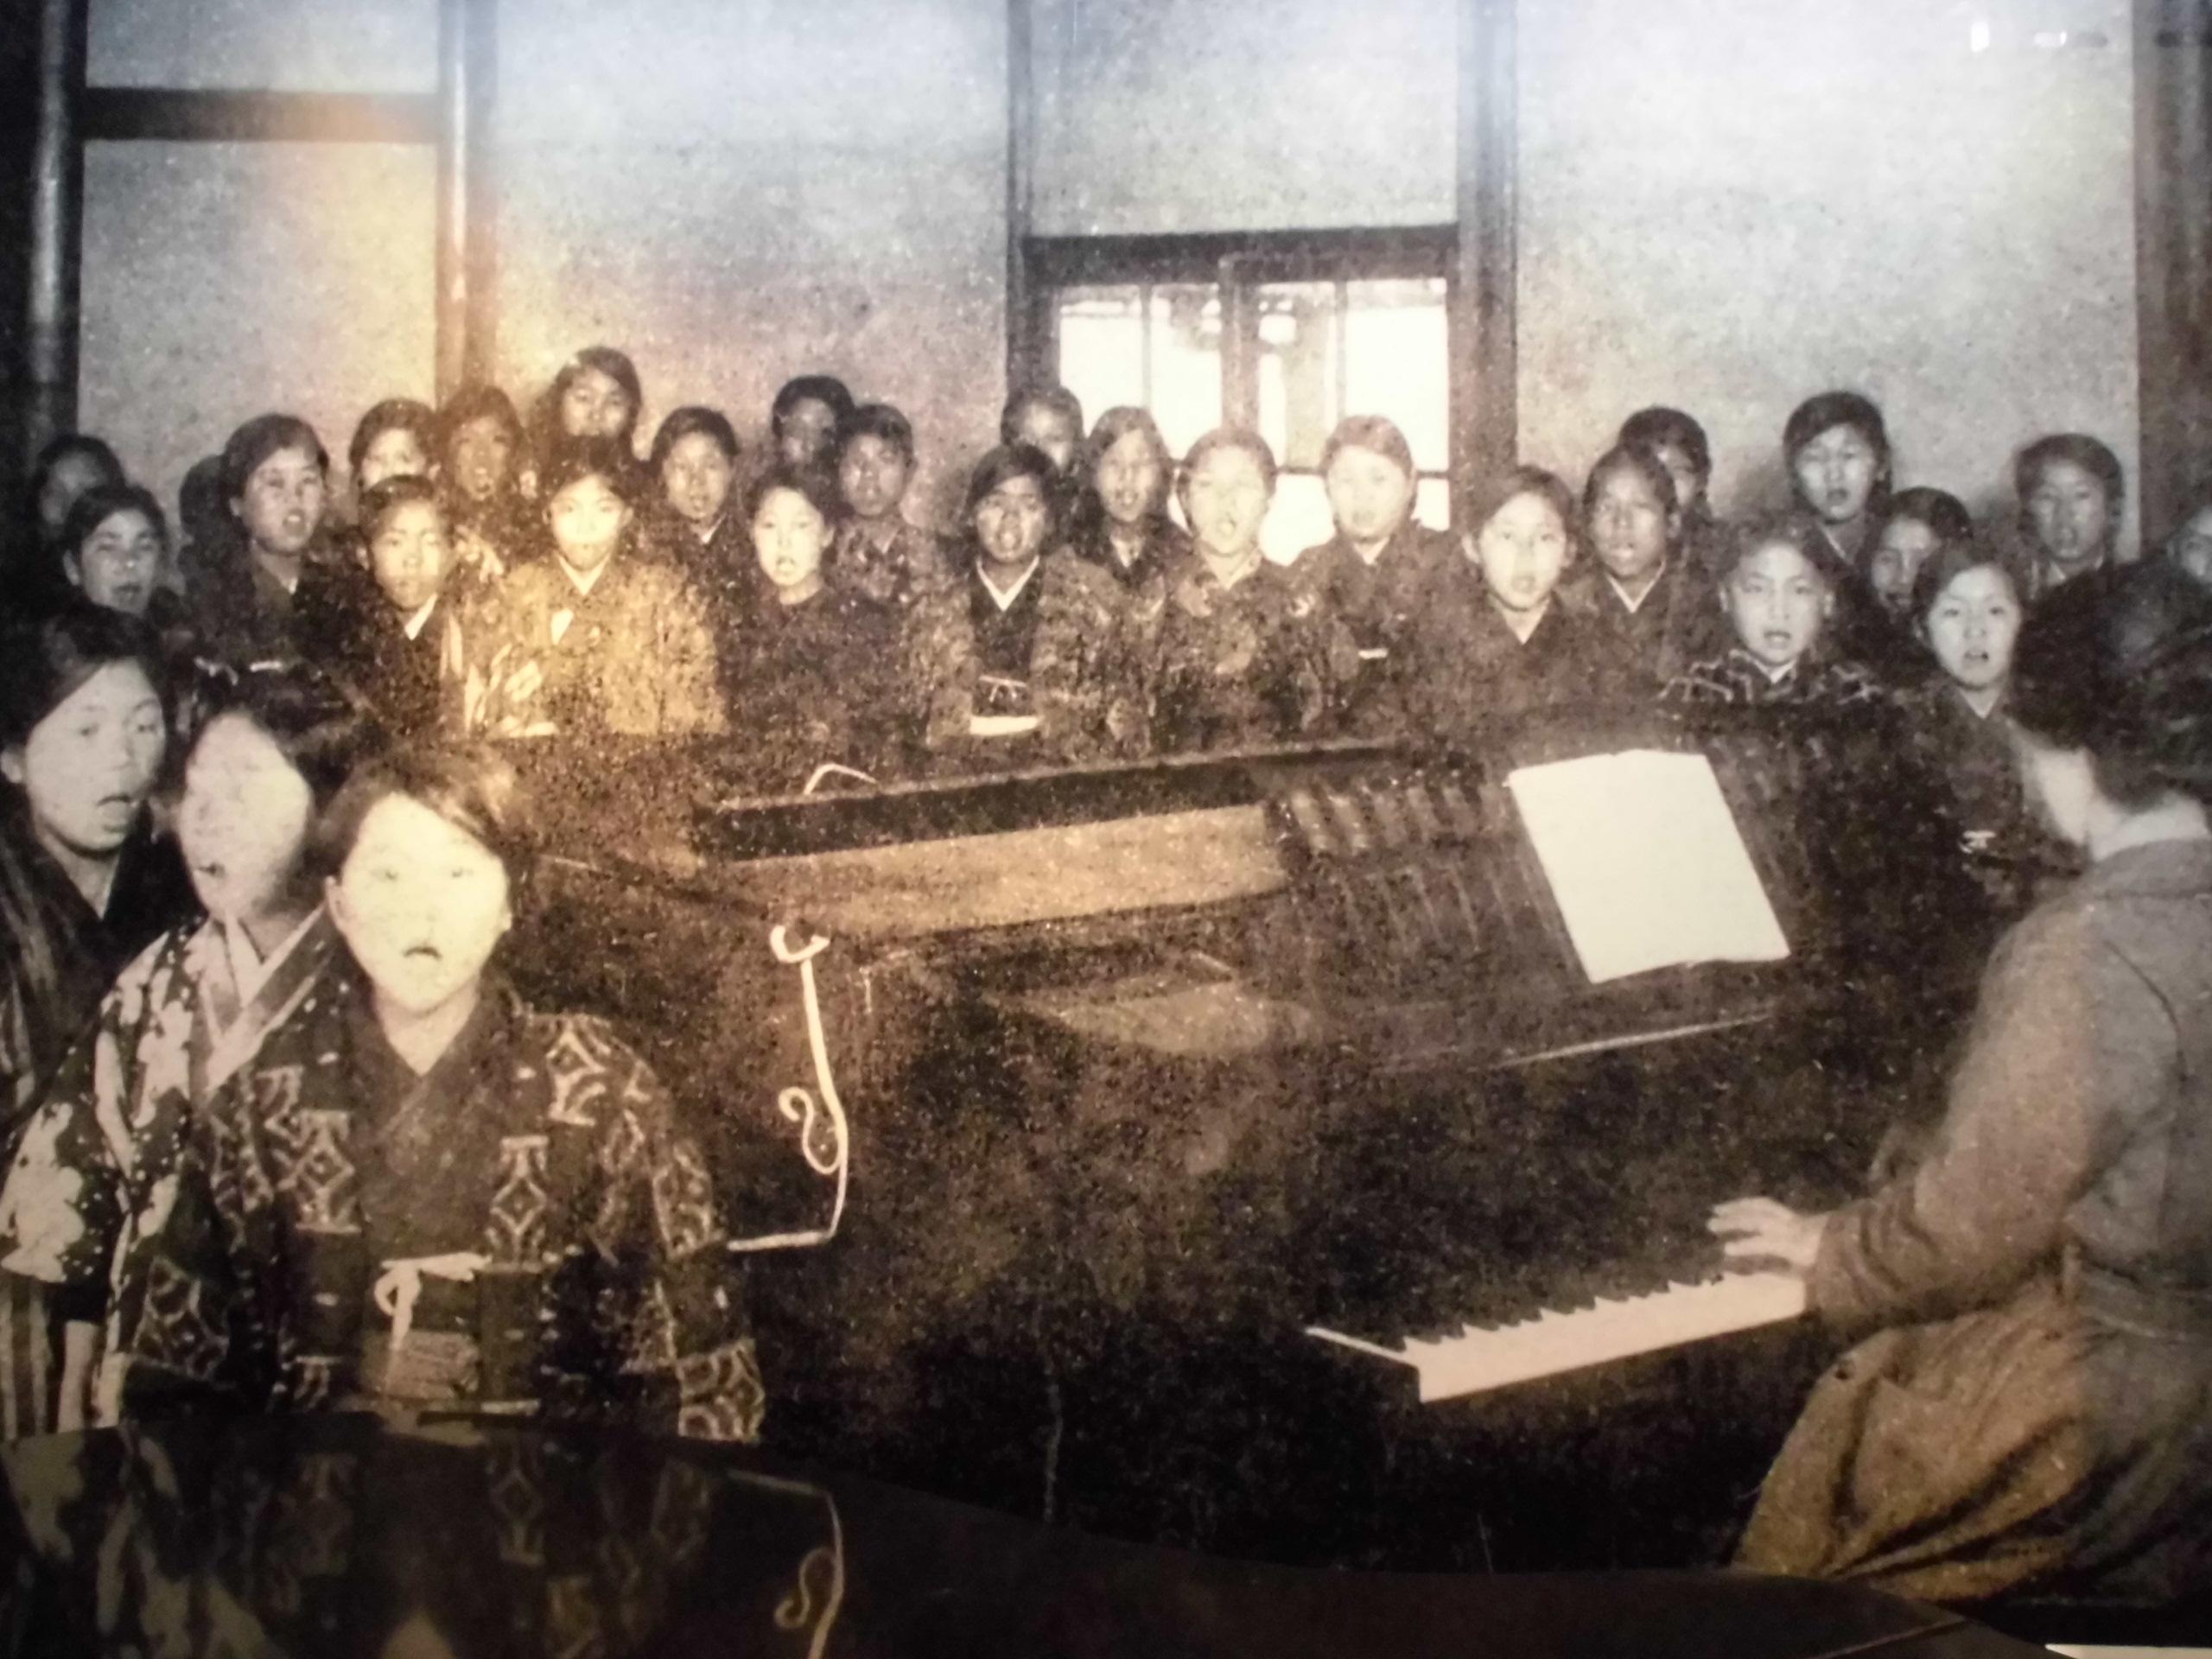 教職員の聖地?小学校の歴史が学べる場所はここ。【京都市学校歴史博物館に行ってきました。by-VEGETAPSY】